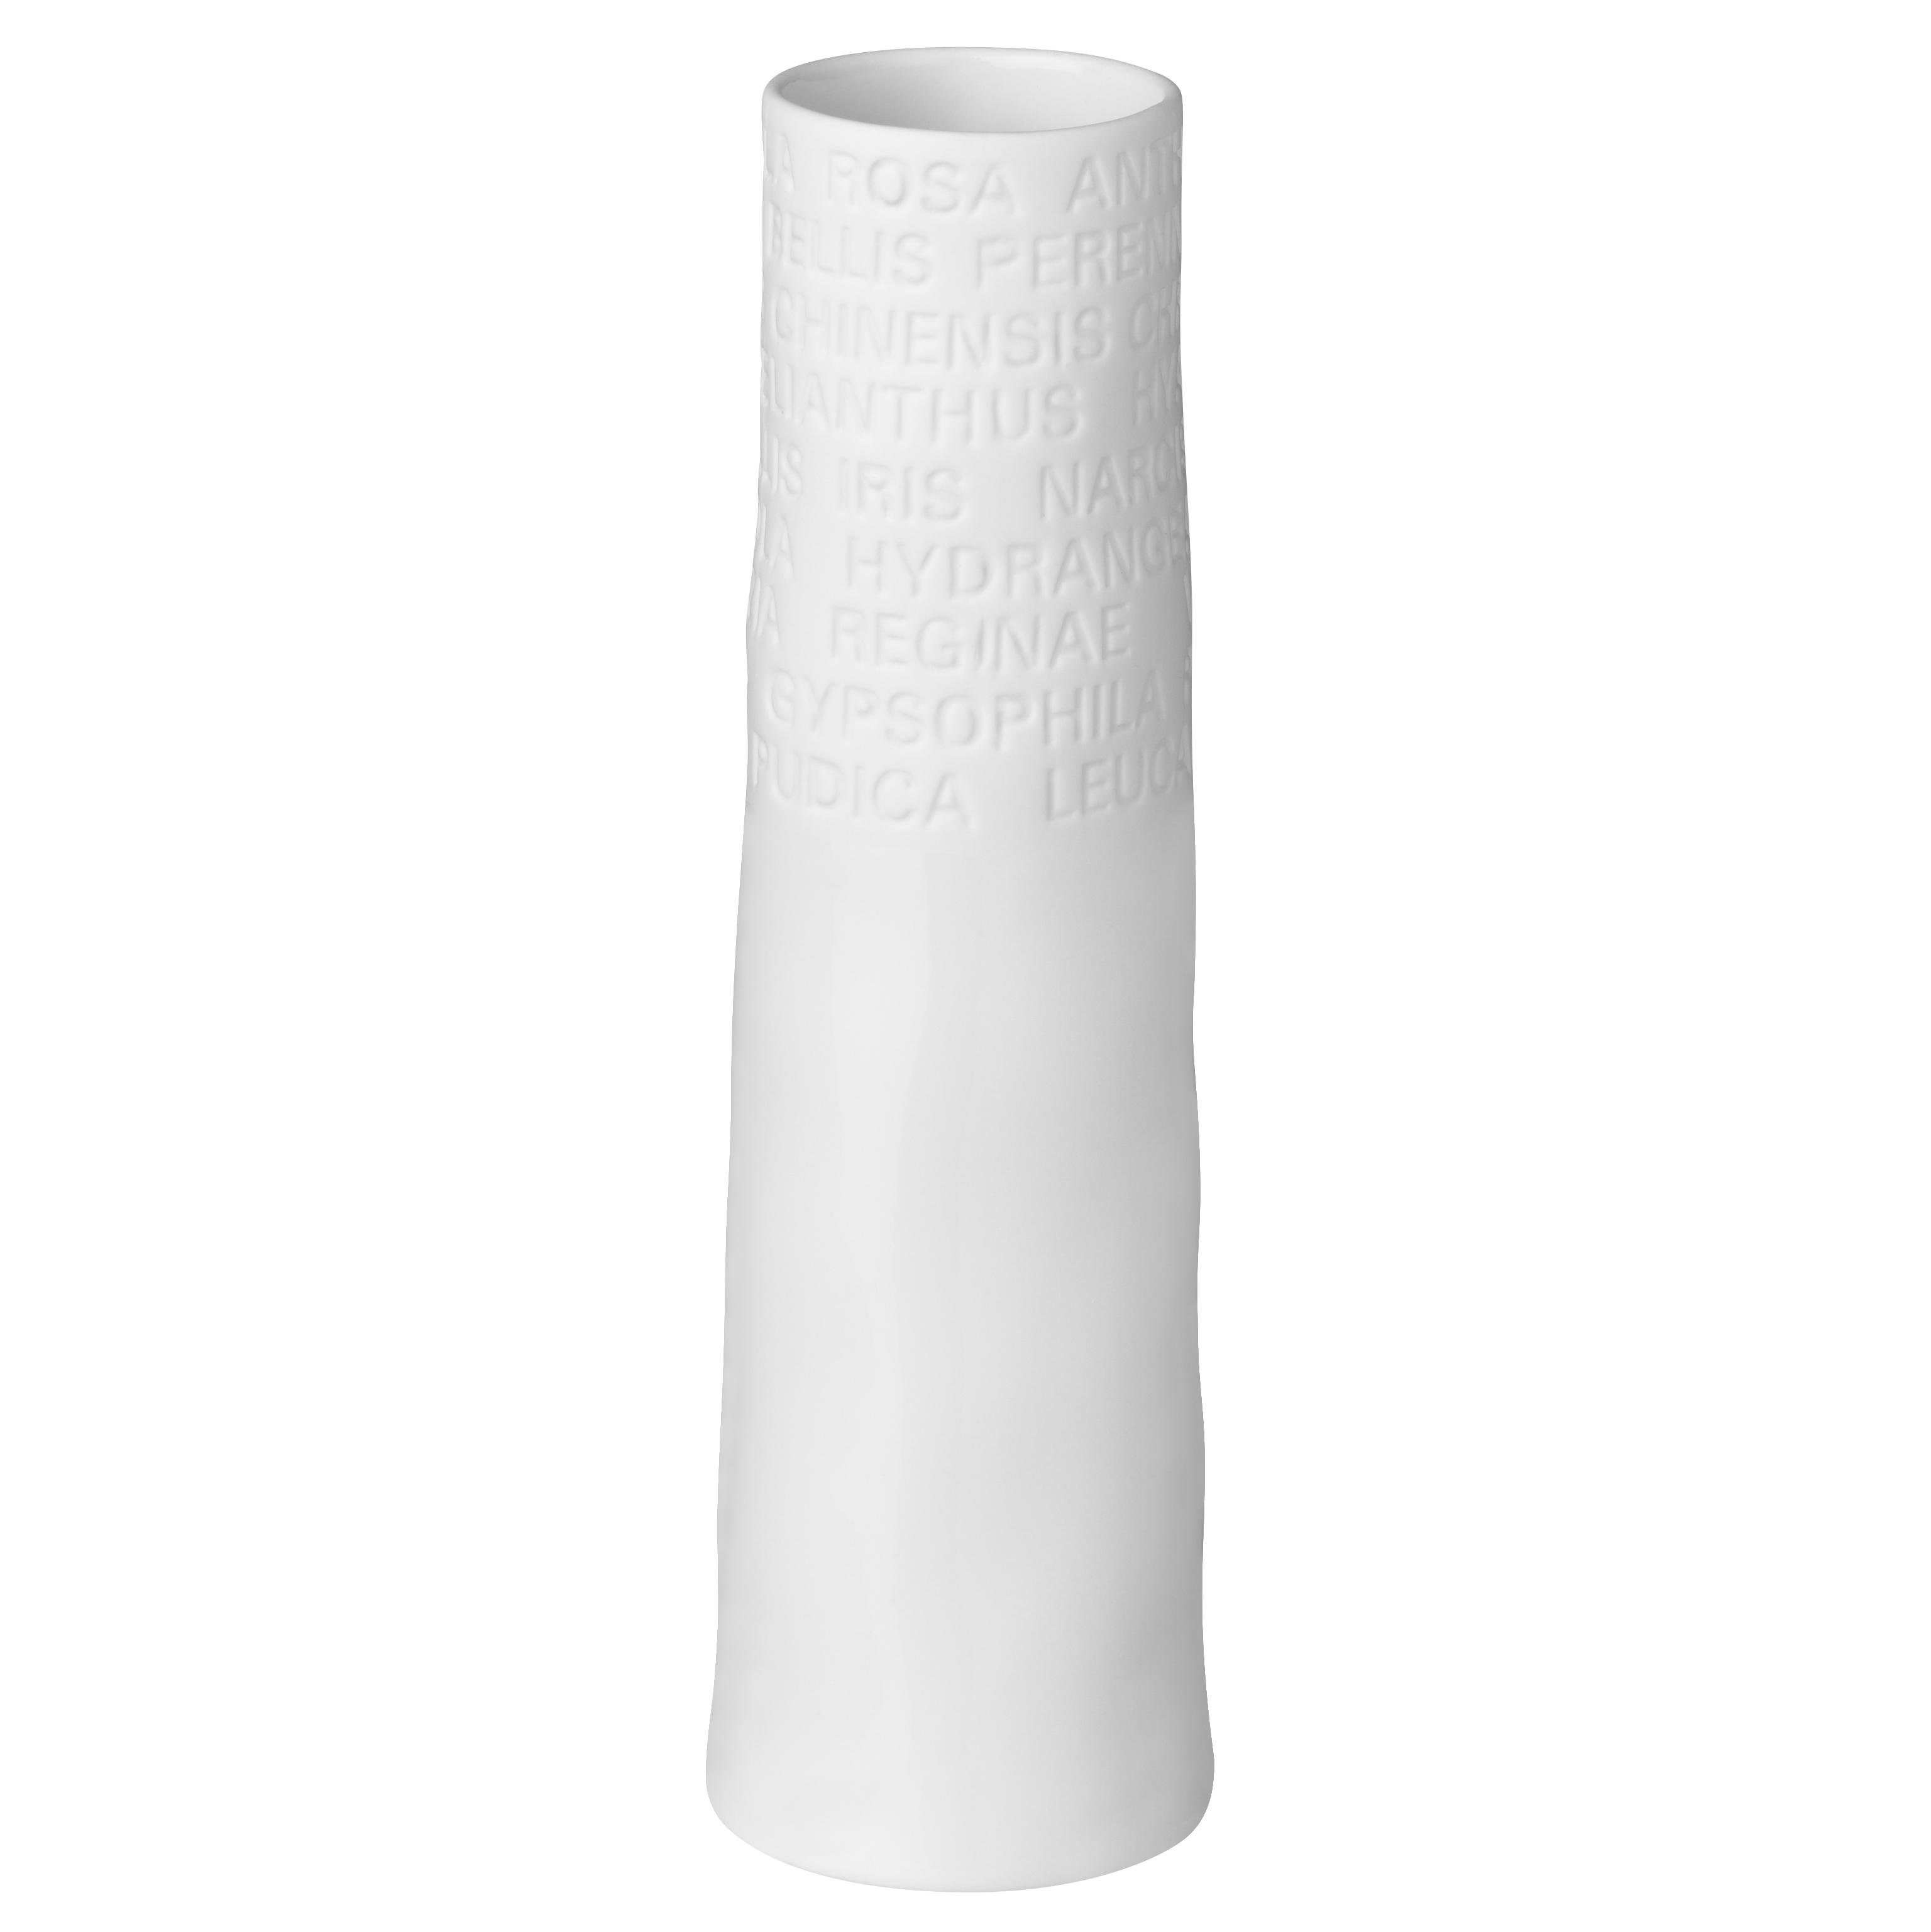 """Schmale Vase (klein) """"Text"""" - räder"""